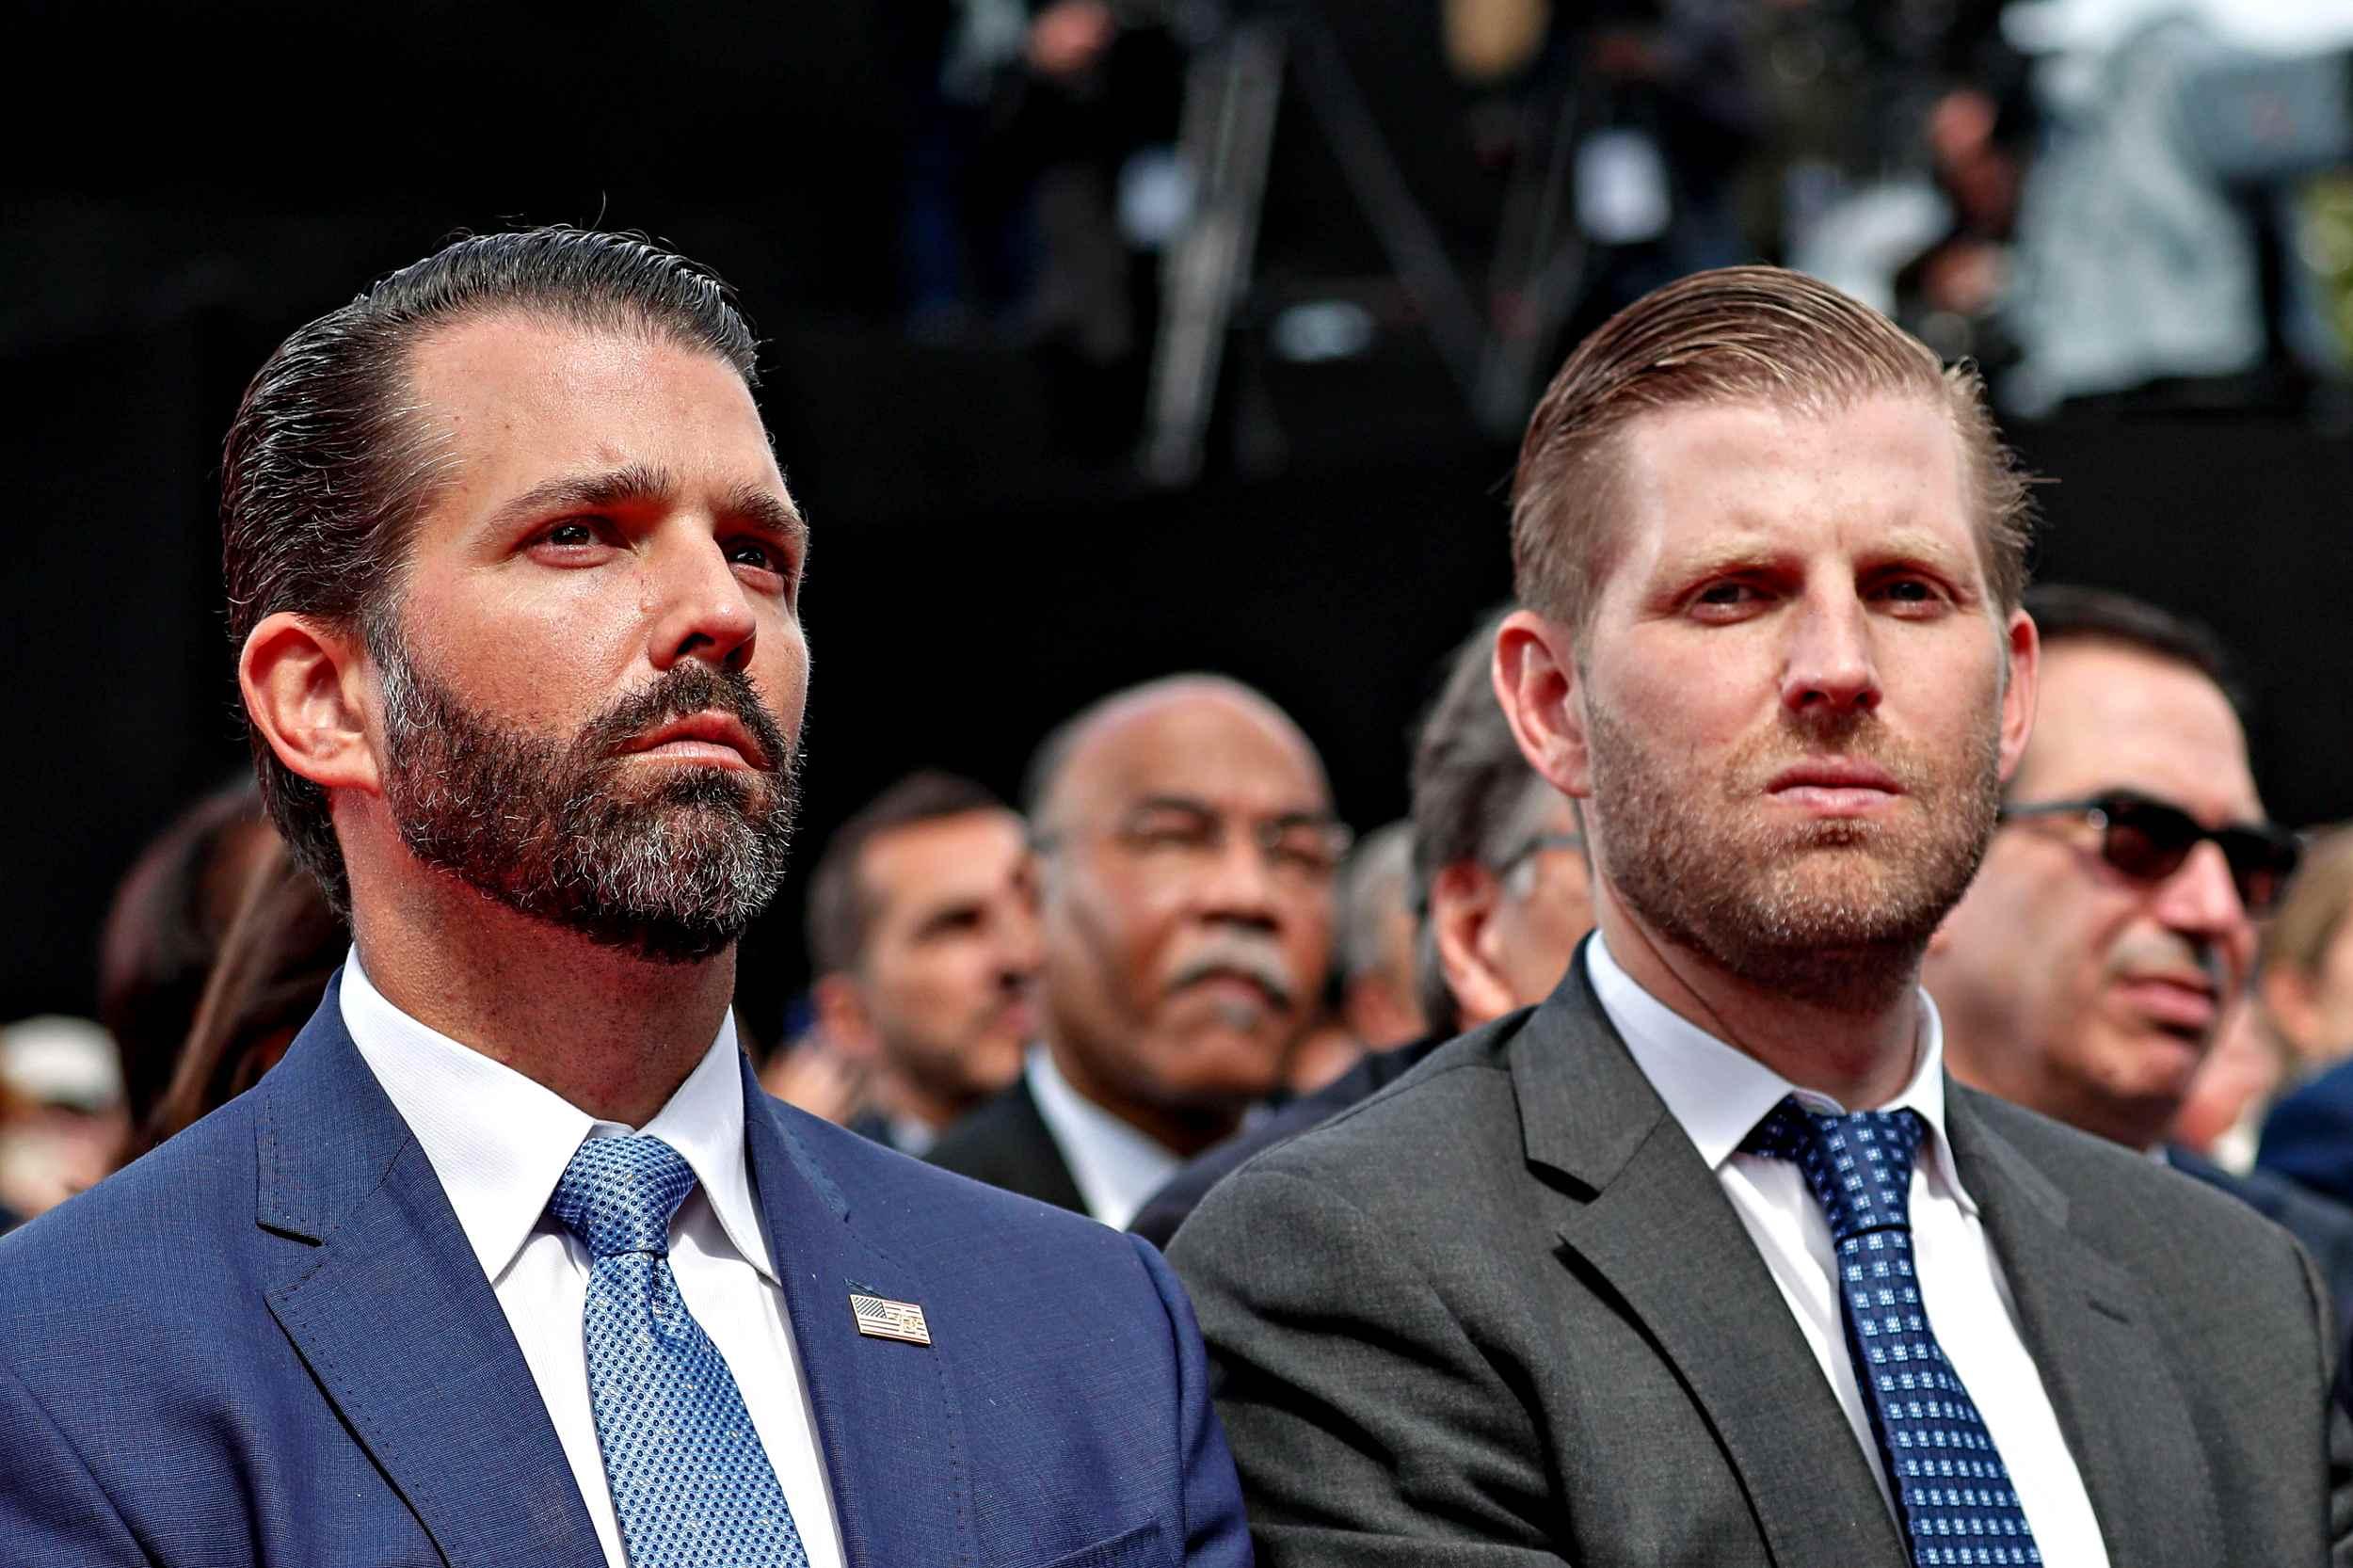 """Usa 2020, i repubblicani abbandonano Trump. E i figli sbottano: """"Deboli e  pecore"""""""